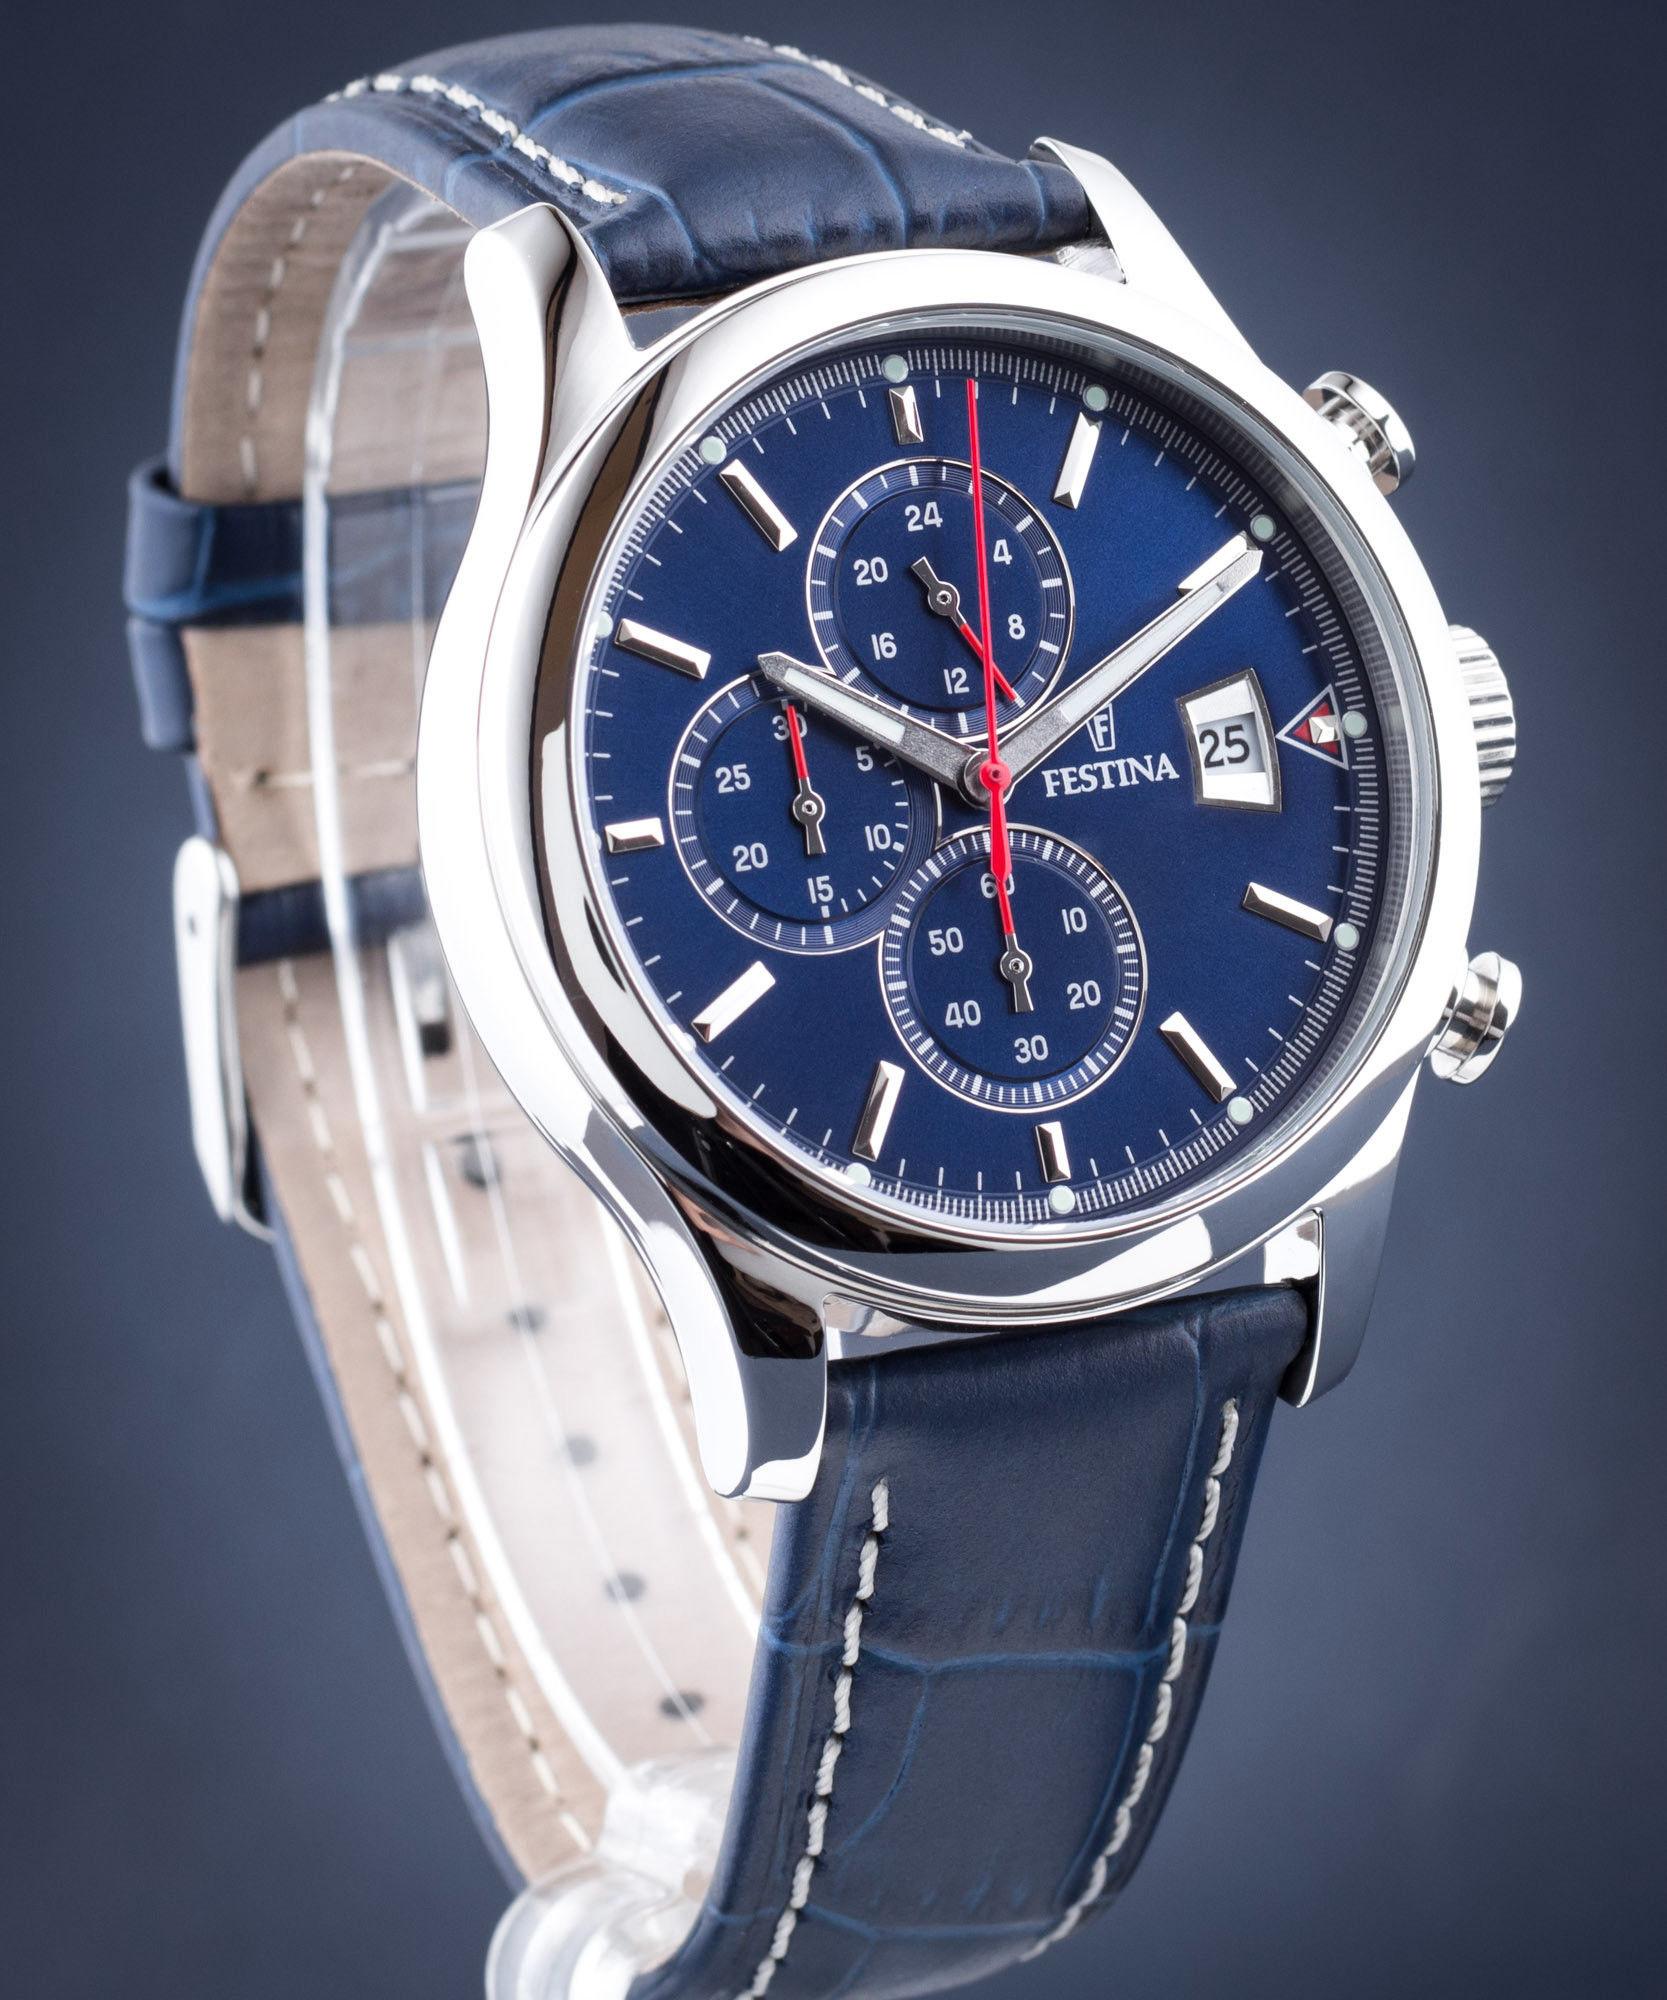 Zegarek Festina F20375-2 Timeless Chronograph - CENA DO NEGOCJACJI - DOSTAWA DHL GRATIS, KUPUJ BEZ RYZYKA - 100 dni na zwrot, możliwość wygrawerowania dowolnego tekstu.